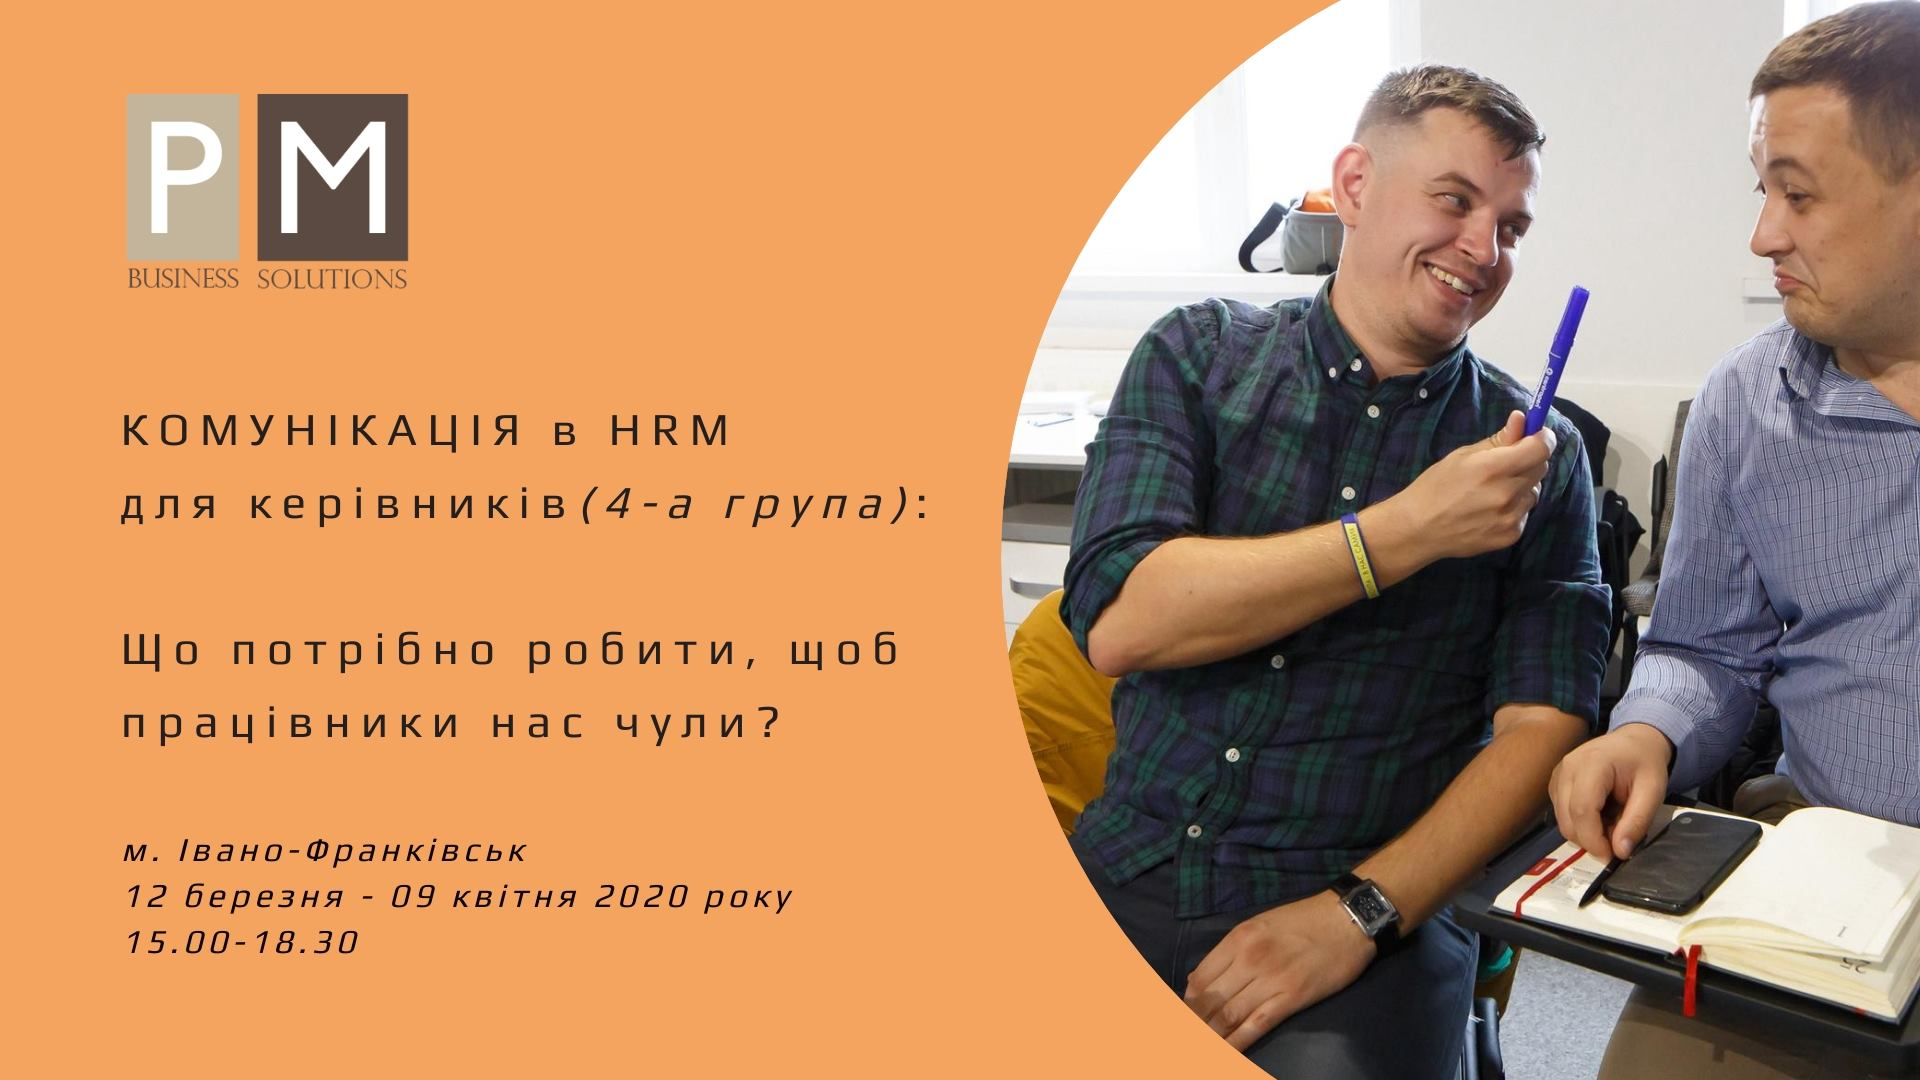 Комунікація в HRM для керівників (4-а група)